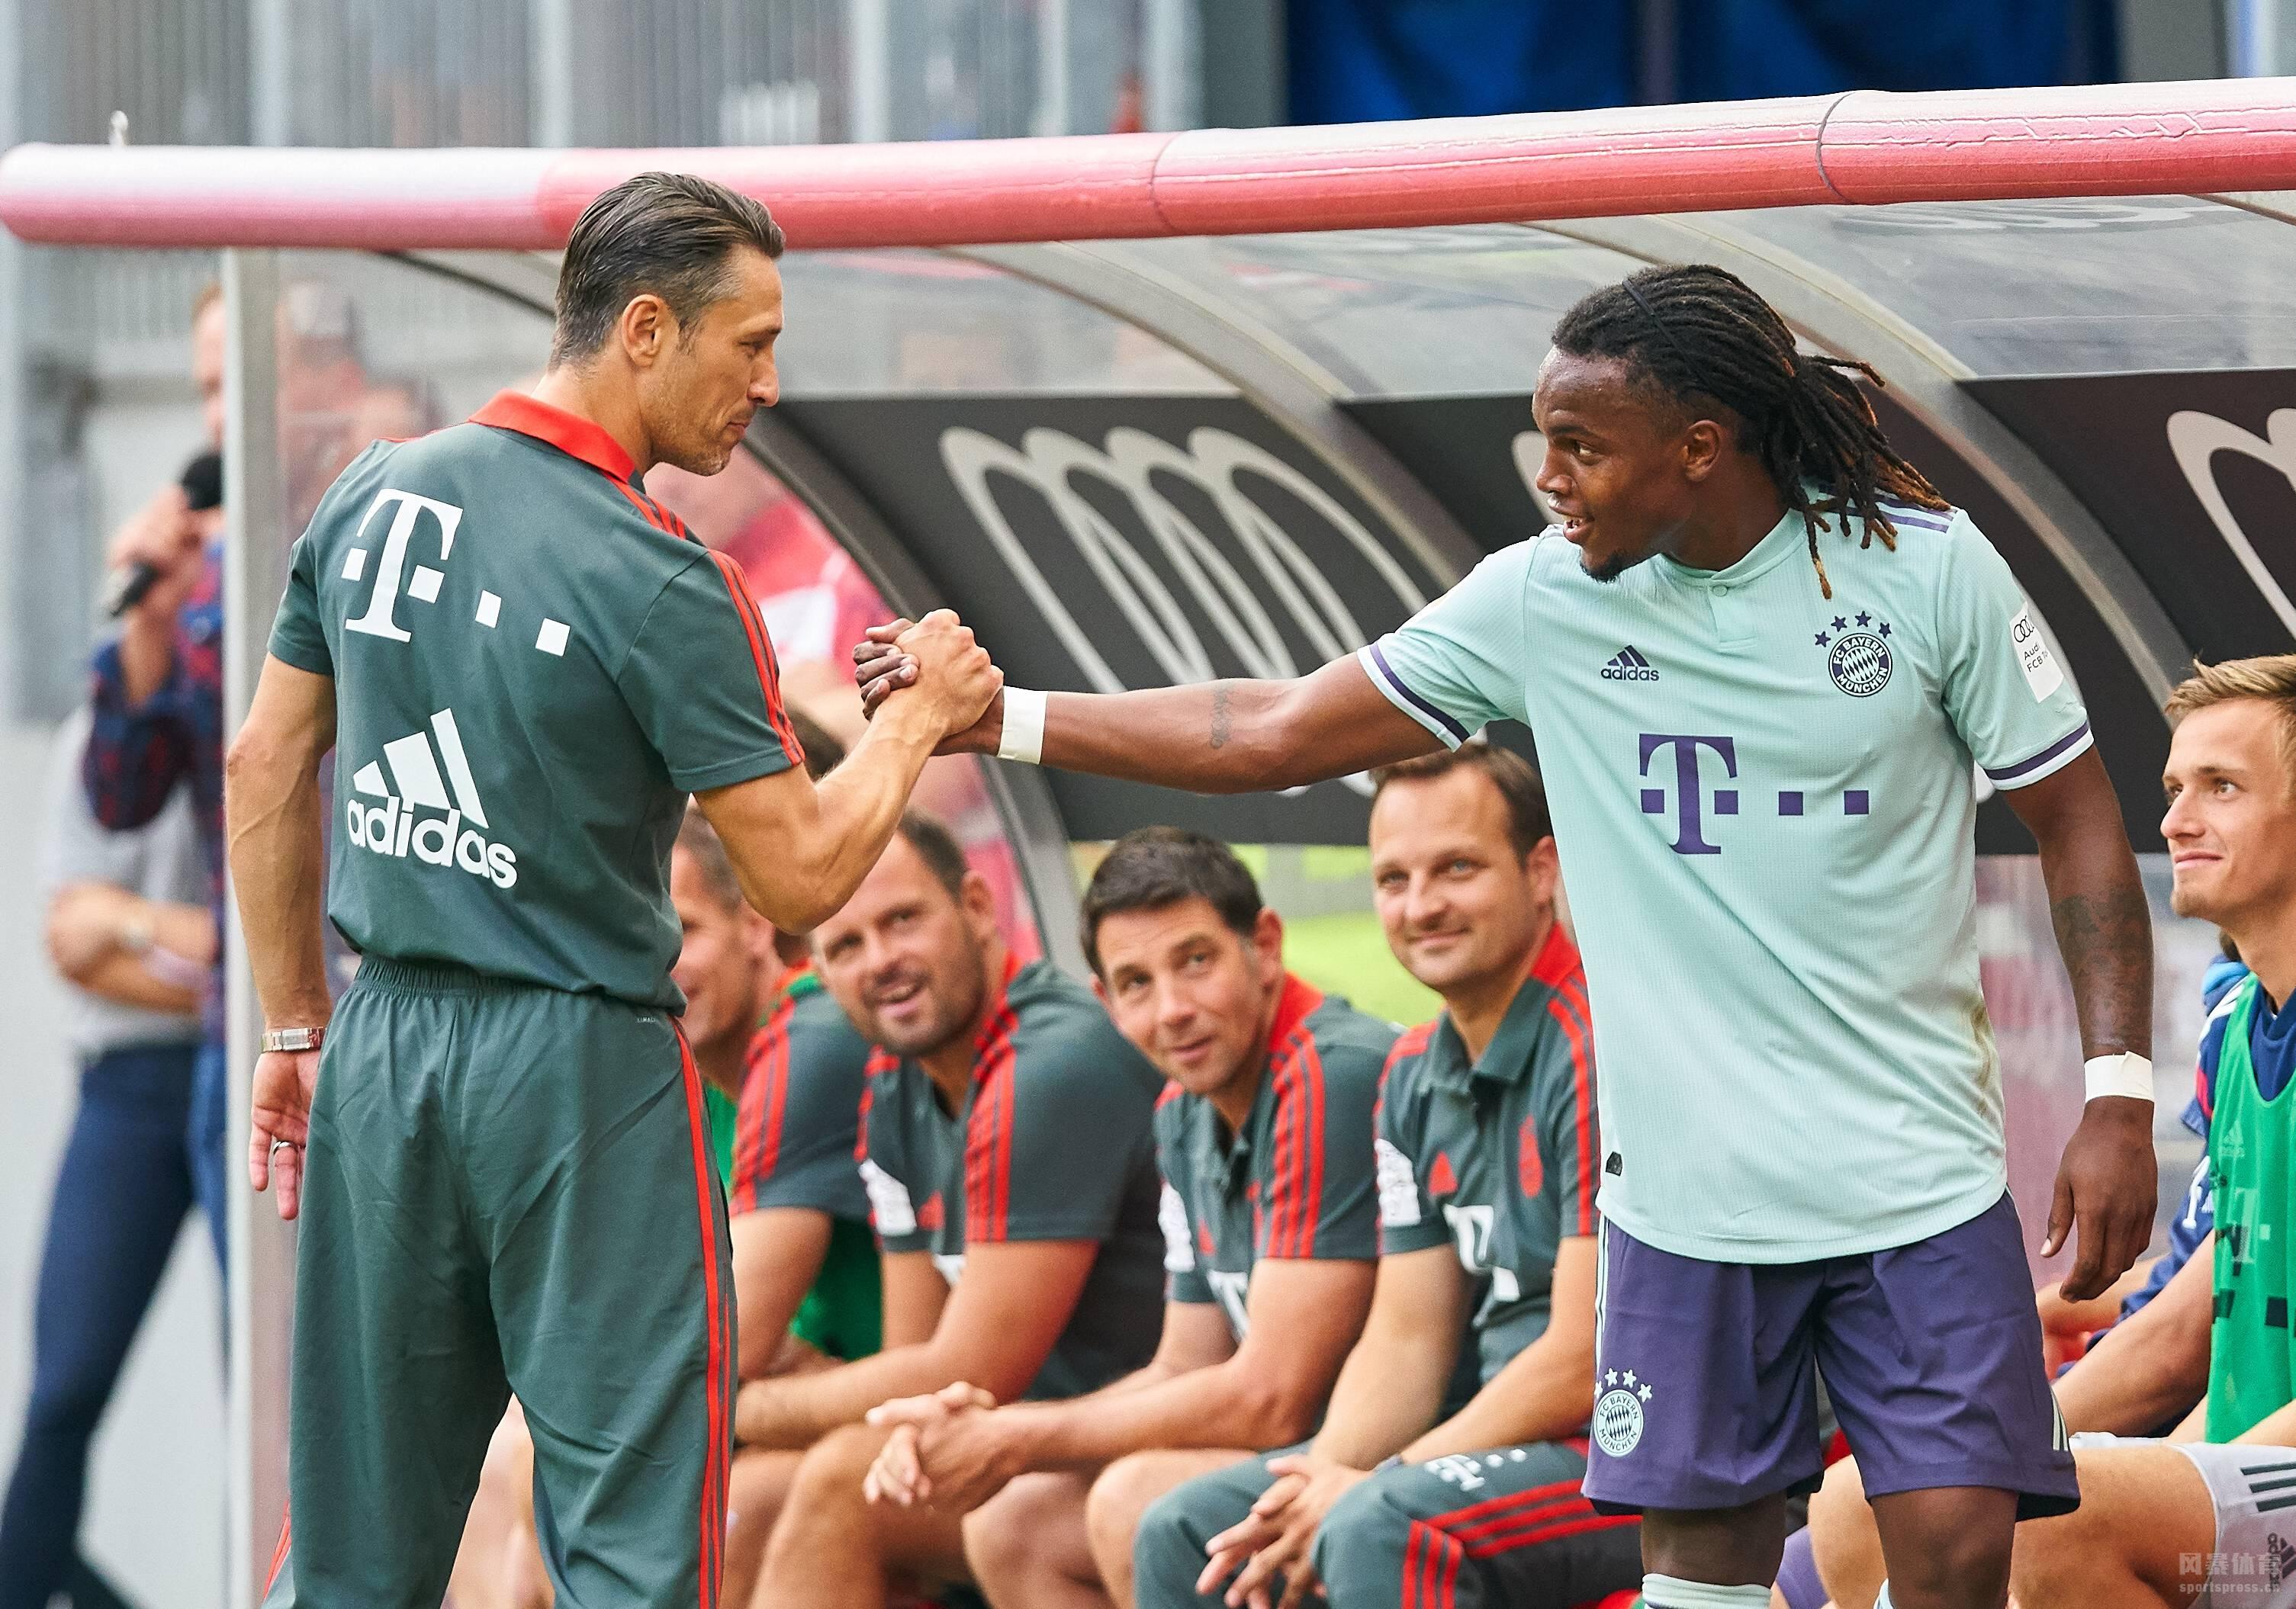 昨夜国际冠军杯,拜仁3-1逆转击败大巴黎,科瓦奇赢得执教拜仁后开门红